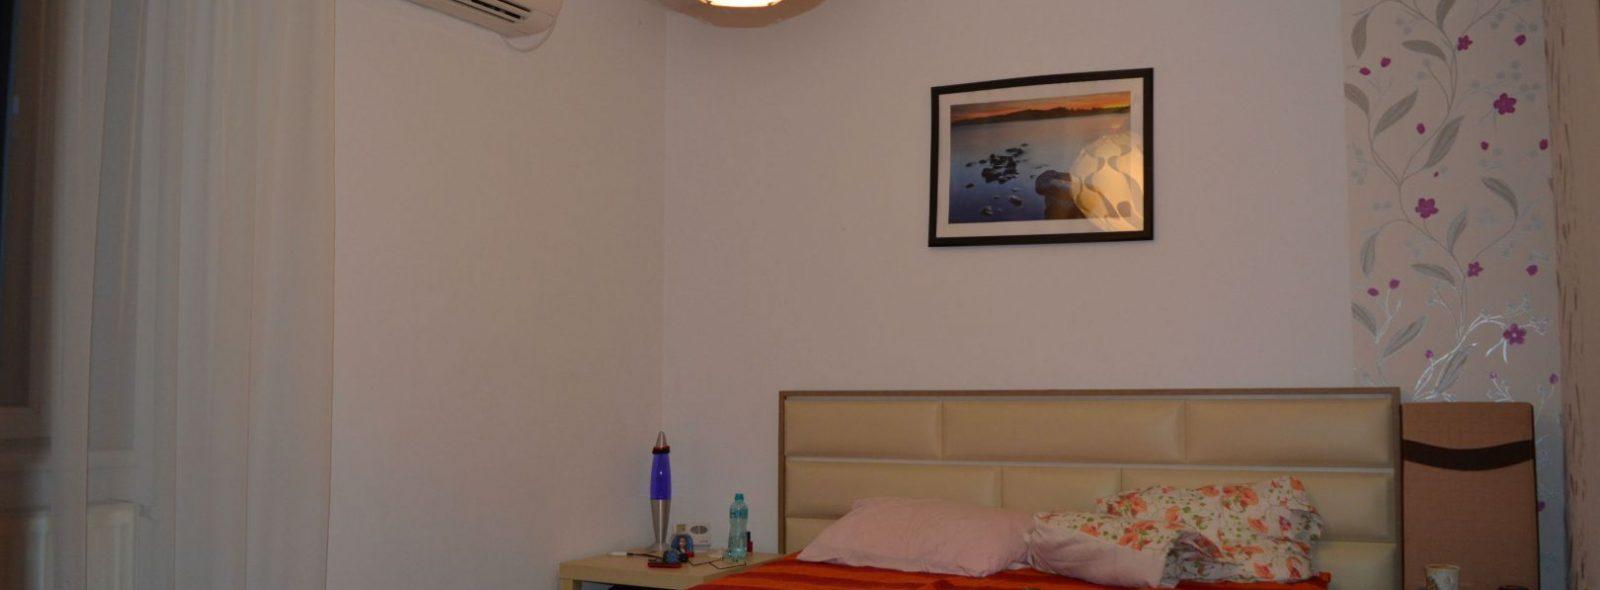 Vanzare Apartament 2 camere Bucuresti, Fantani poza principala